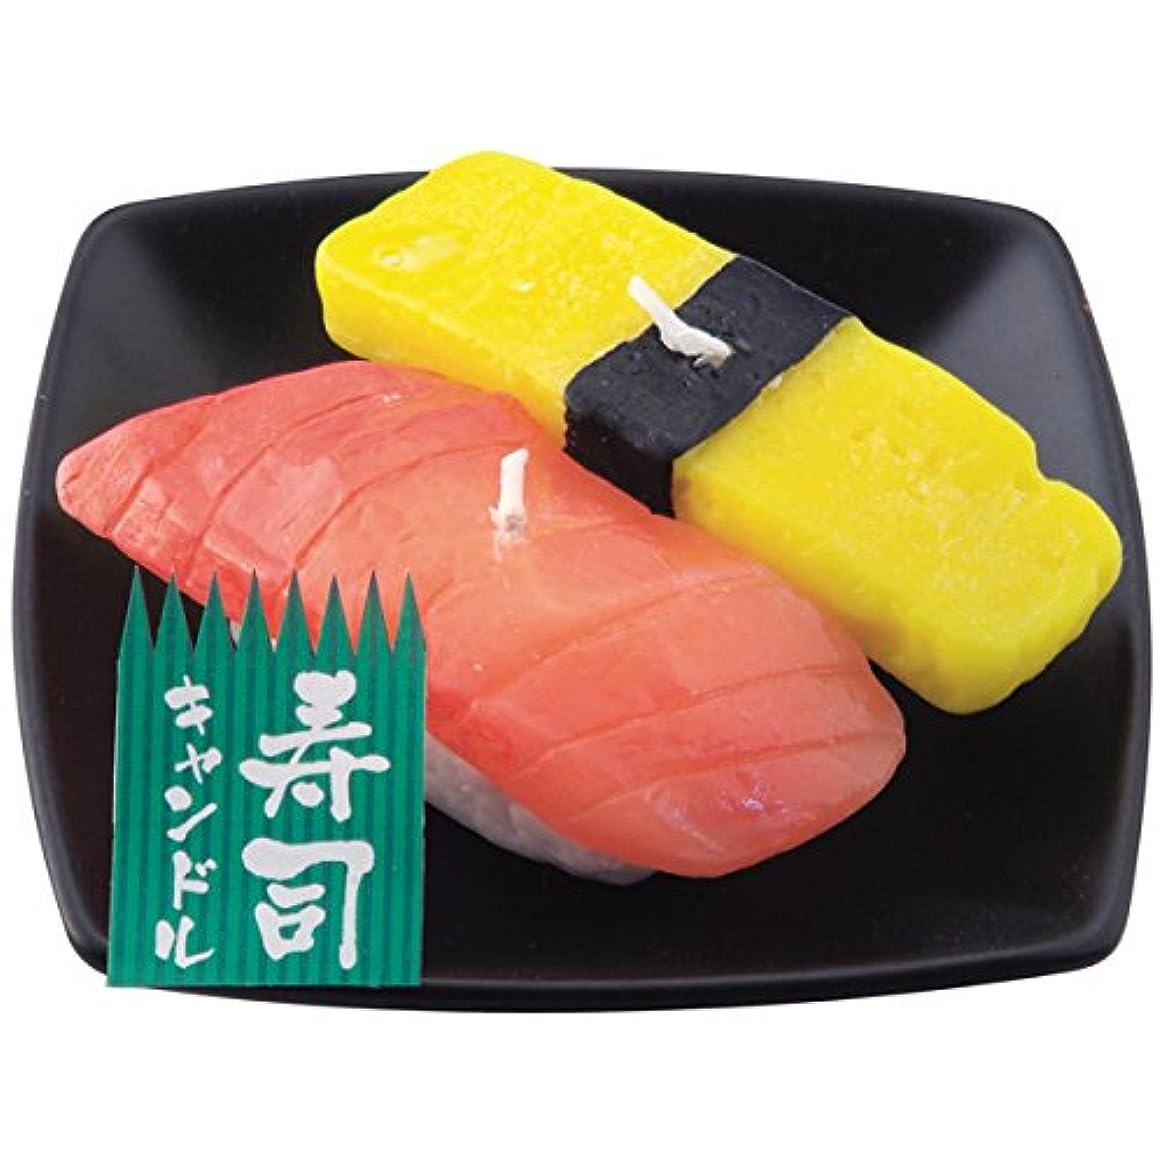 寿司キャンドル Aセット